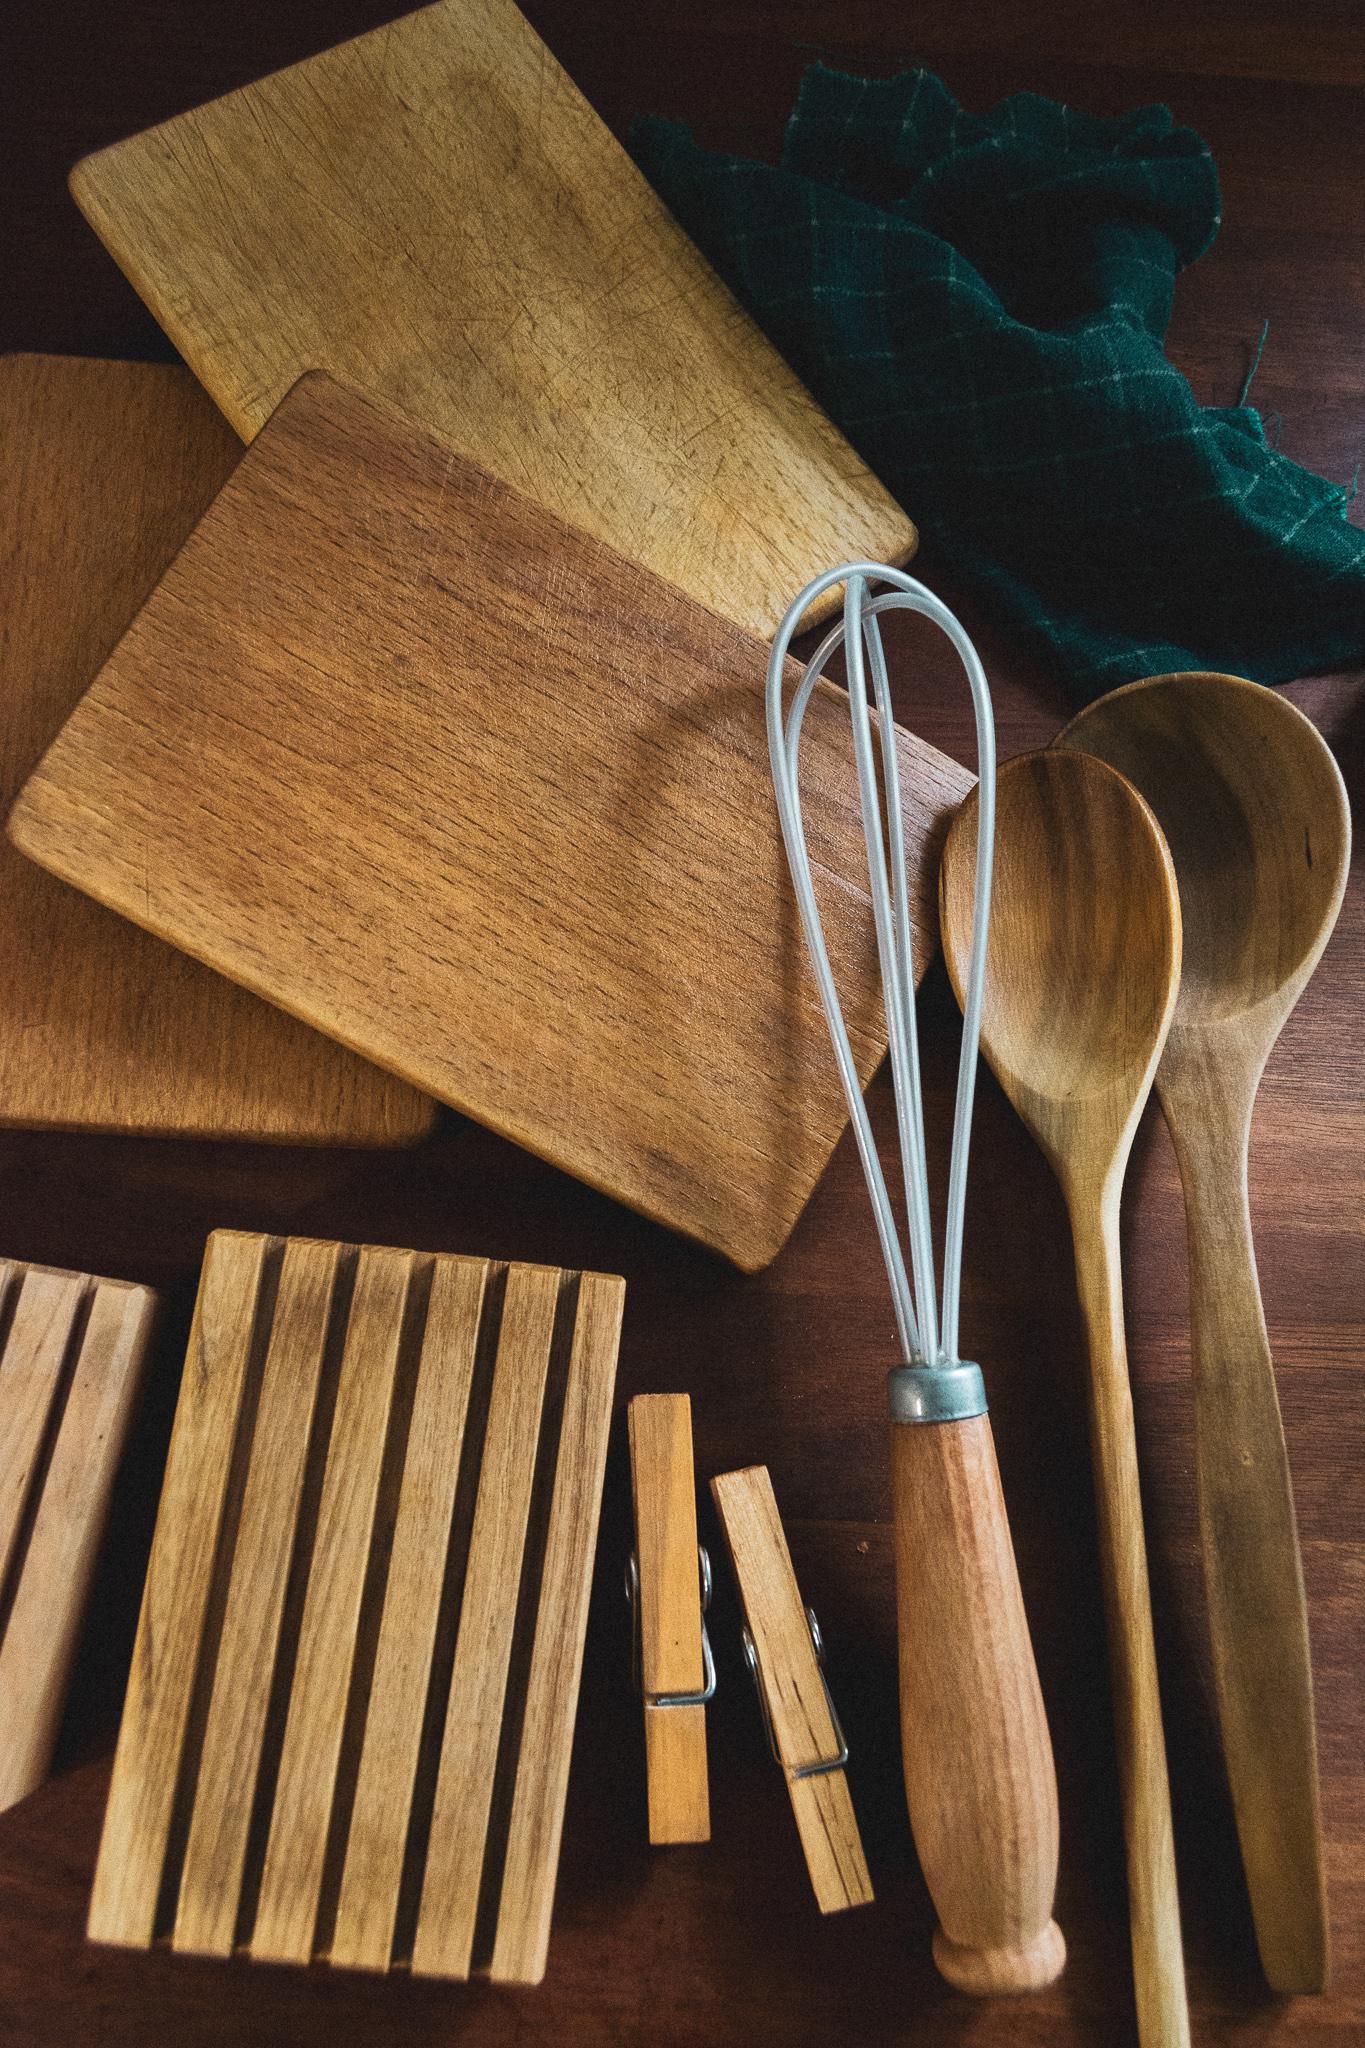 wooden kitchen tools, træredskaber